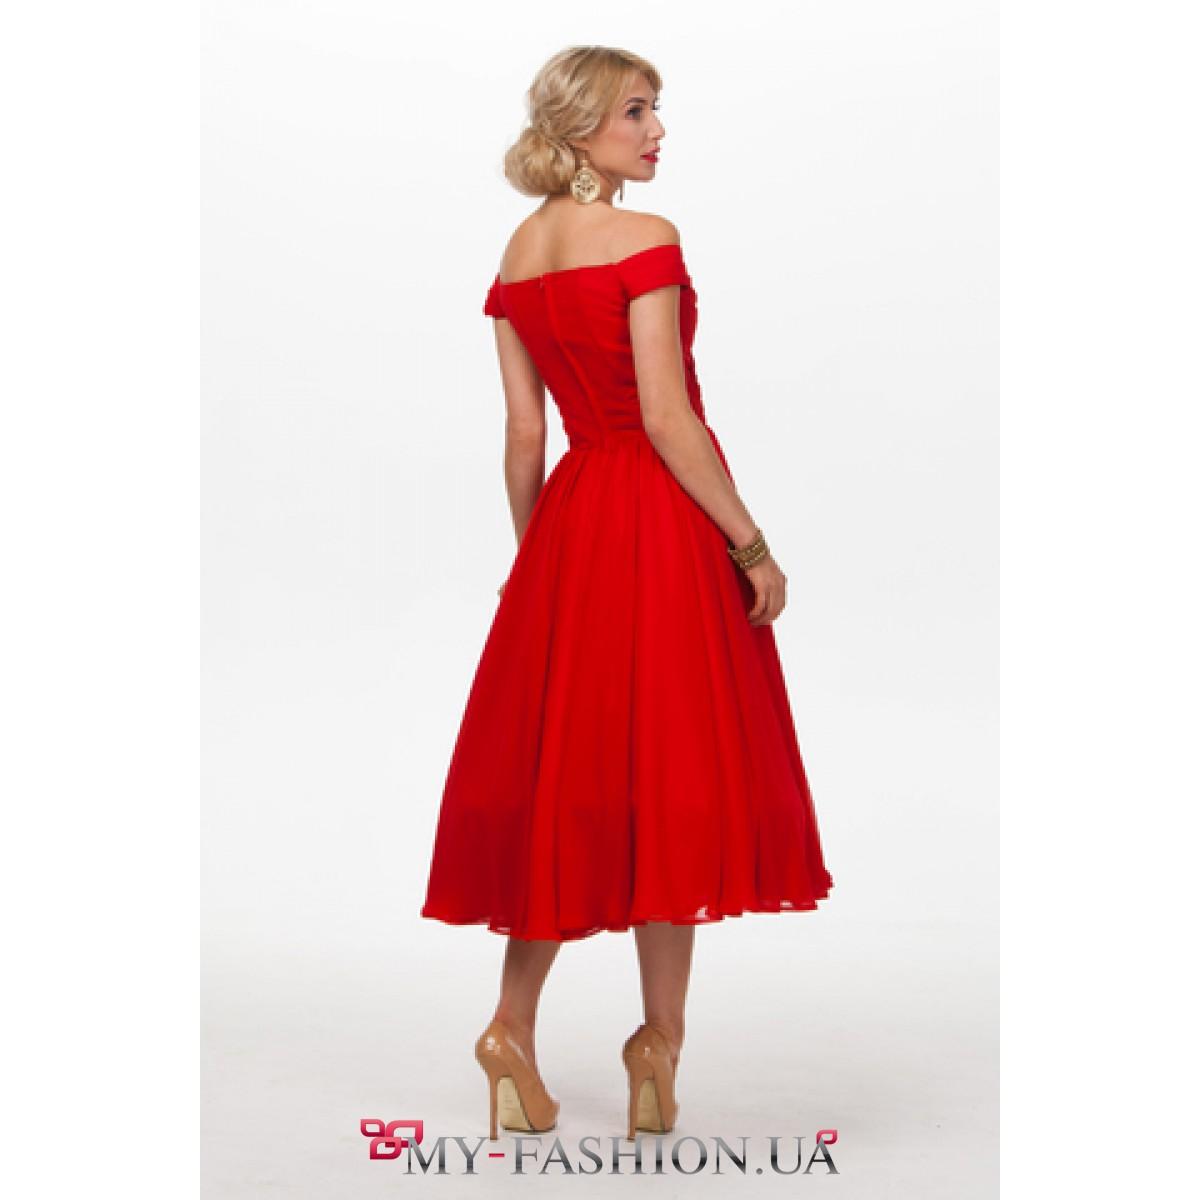 2bac3f67229 Красное вечернее платье из шифона · Красное вечернее платье из шифона ...